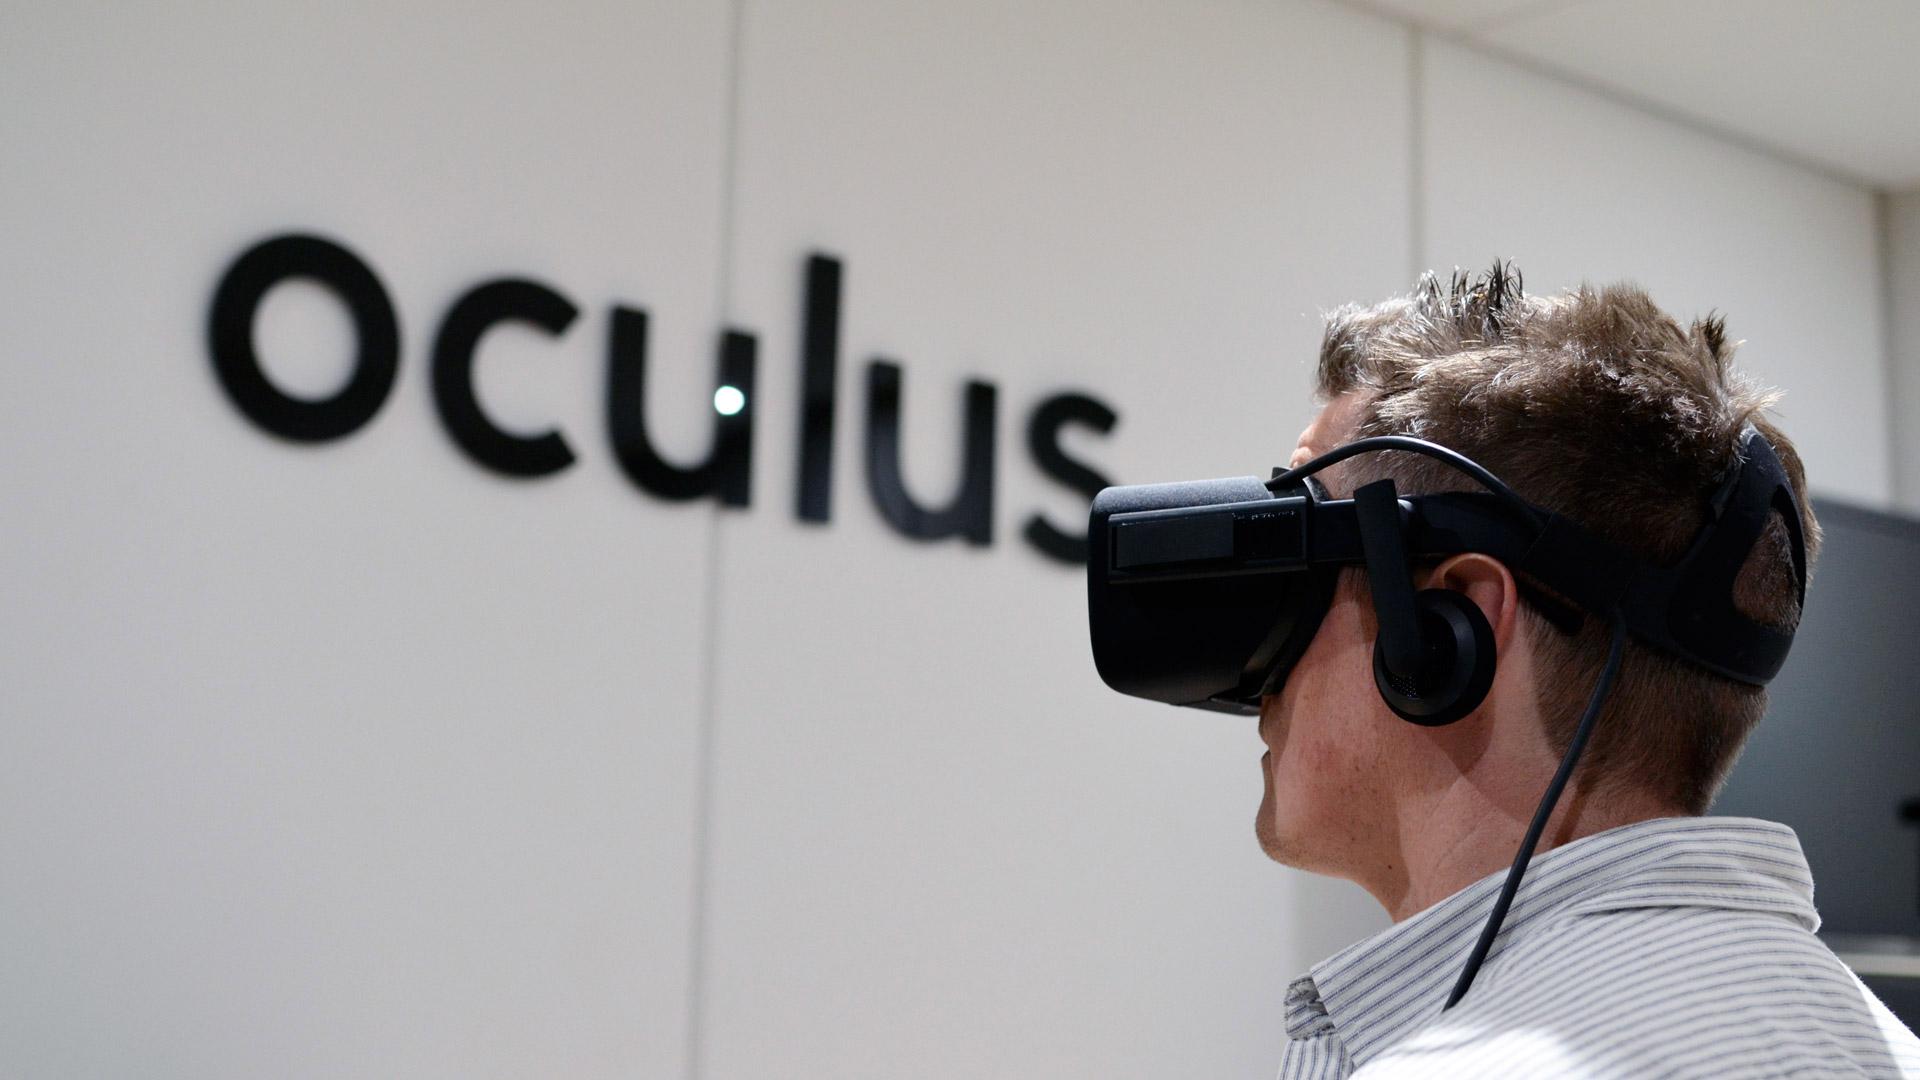 Rift S, bir sonraki Oculus sanal gerçeklik gözlüklerinin adı olacaktı. 1